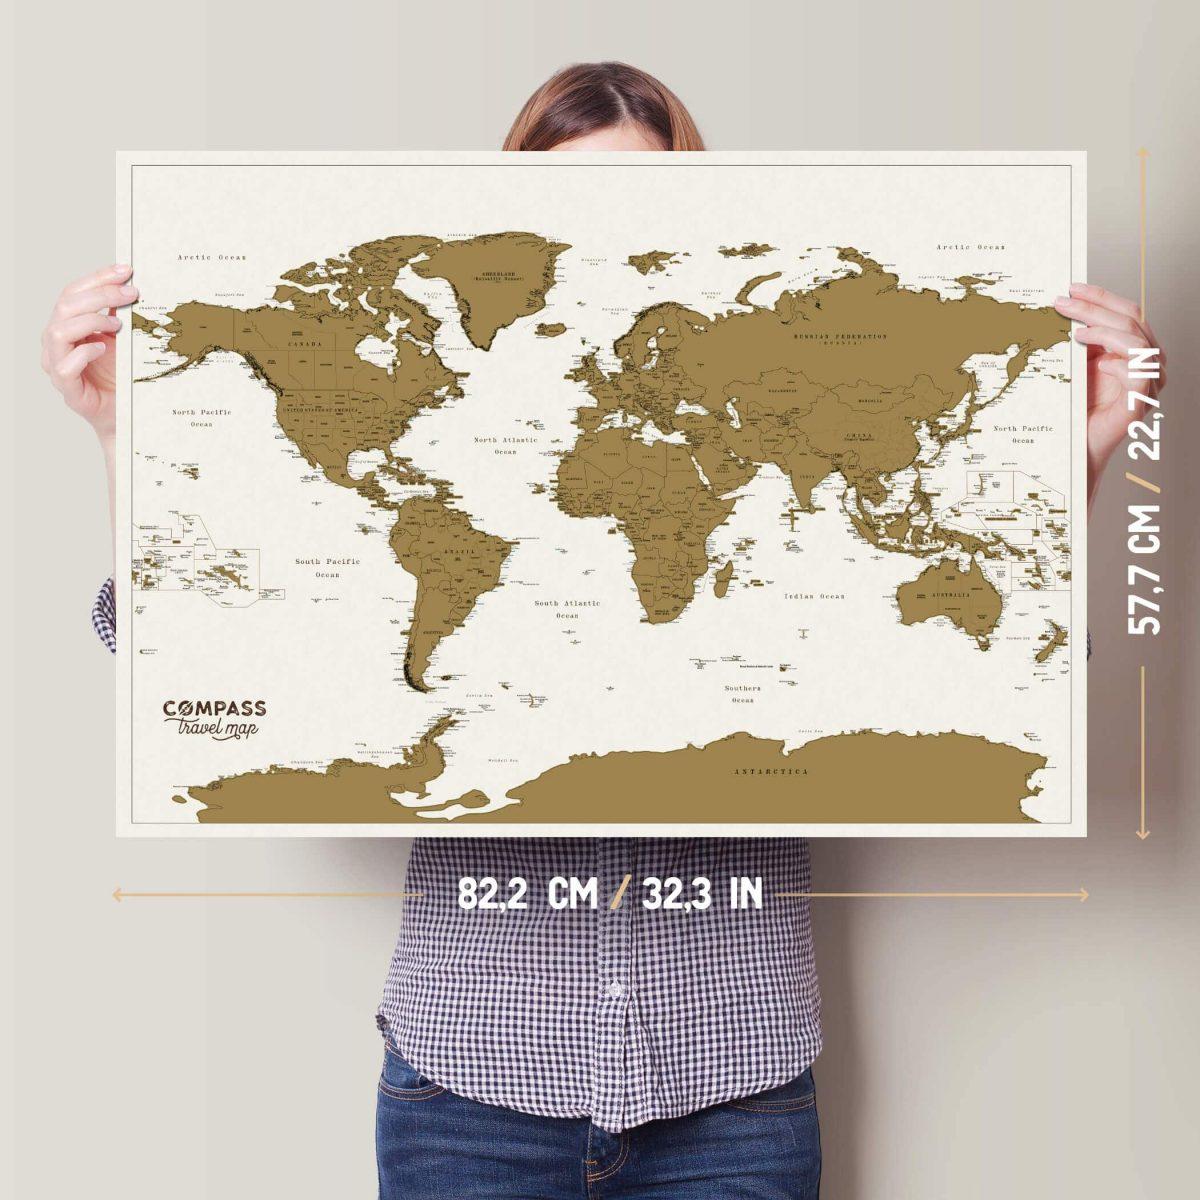 didelis pasaulio zemelapis nutrinamas